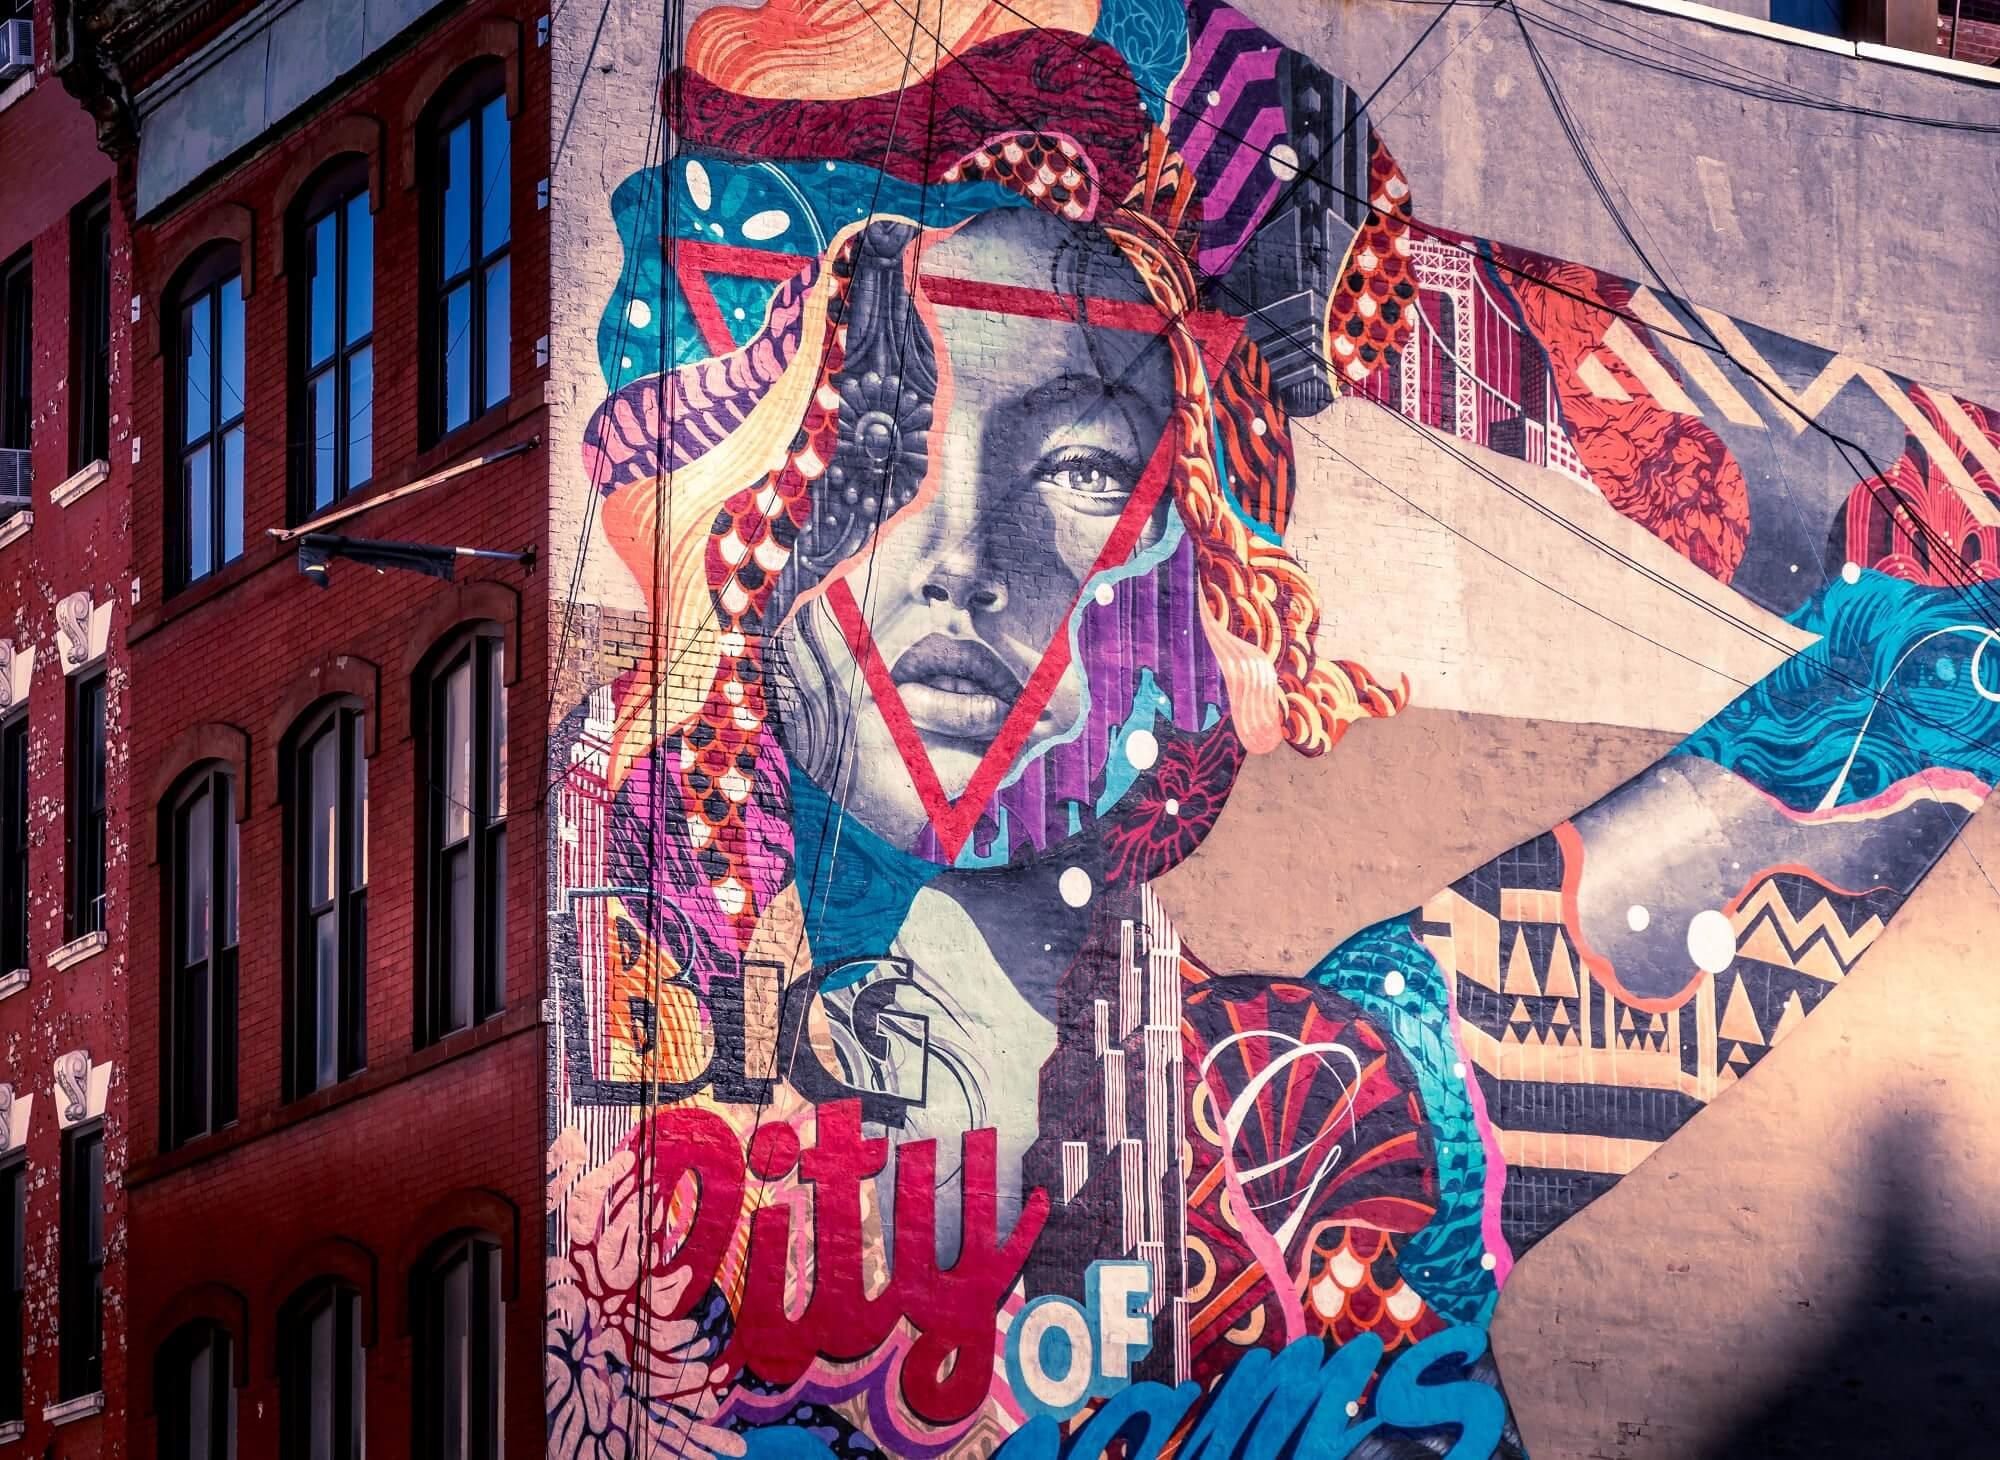 ¿Es el graffiti arte o vandalismo? ¡Razones para amarlo!